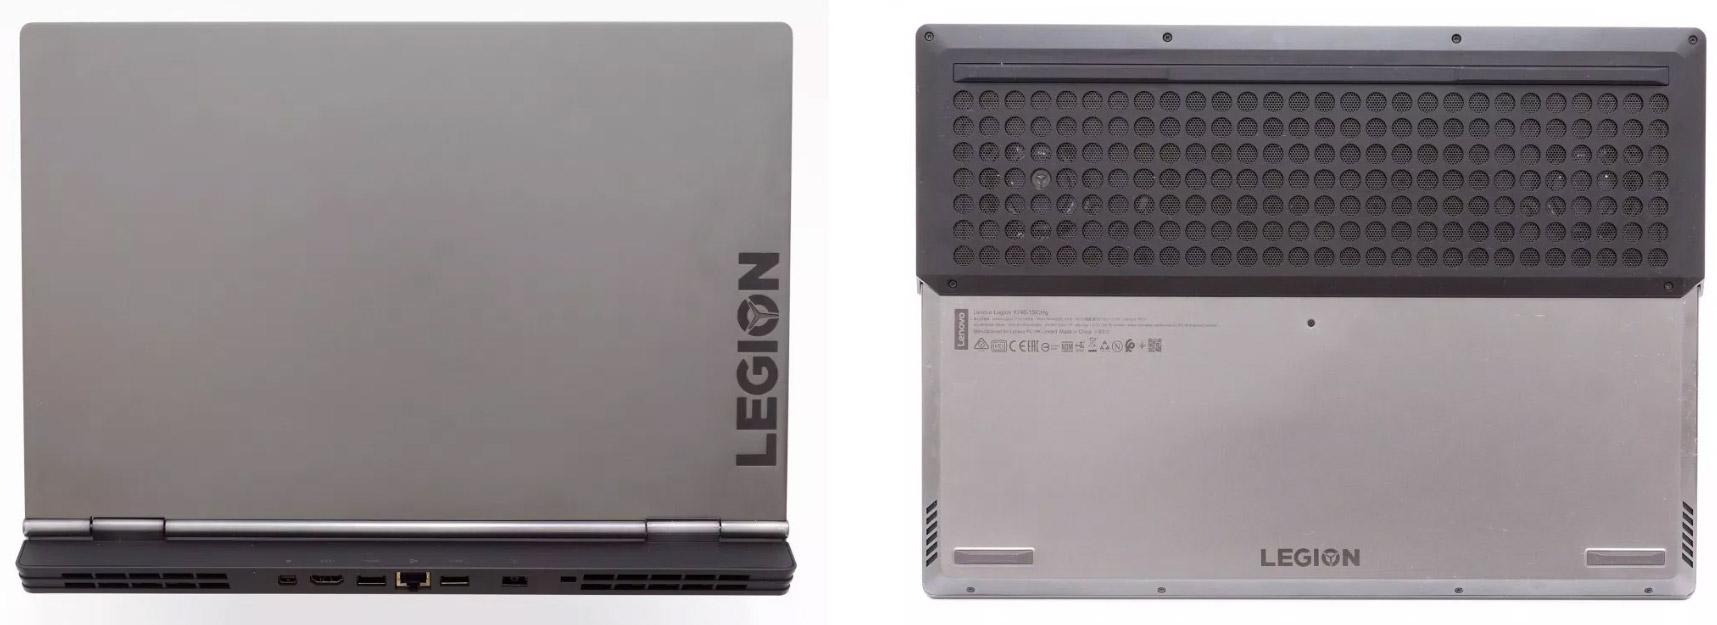 联想 Legion Y740评测